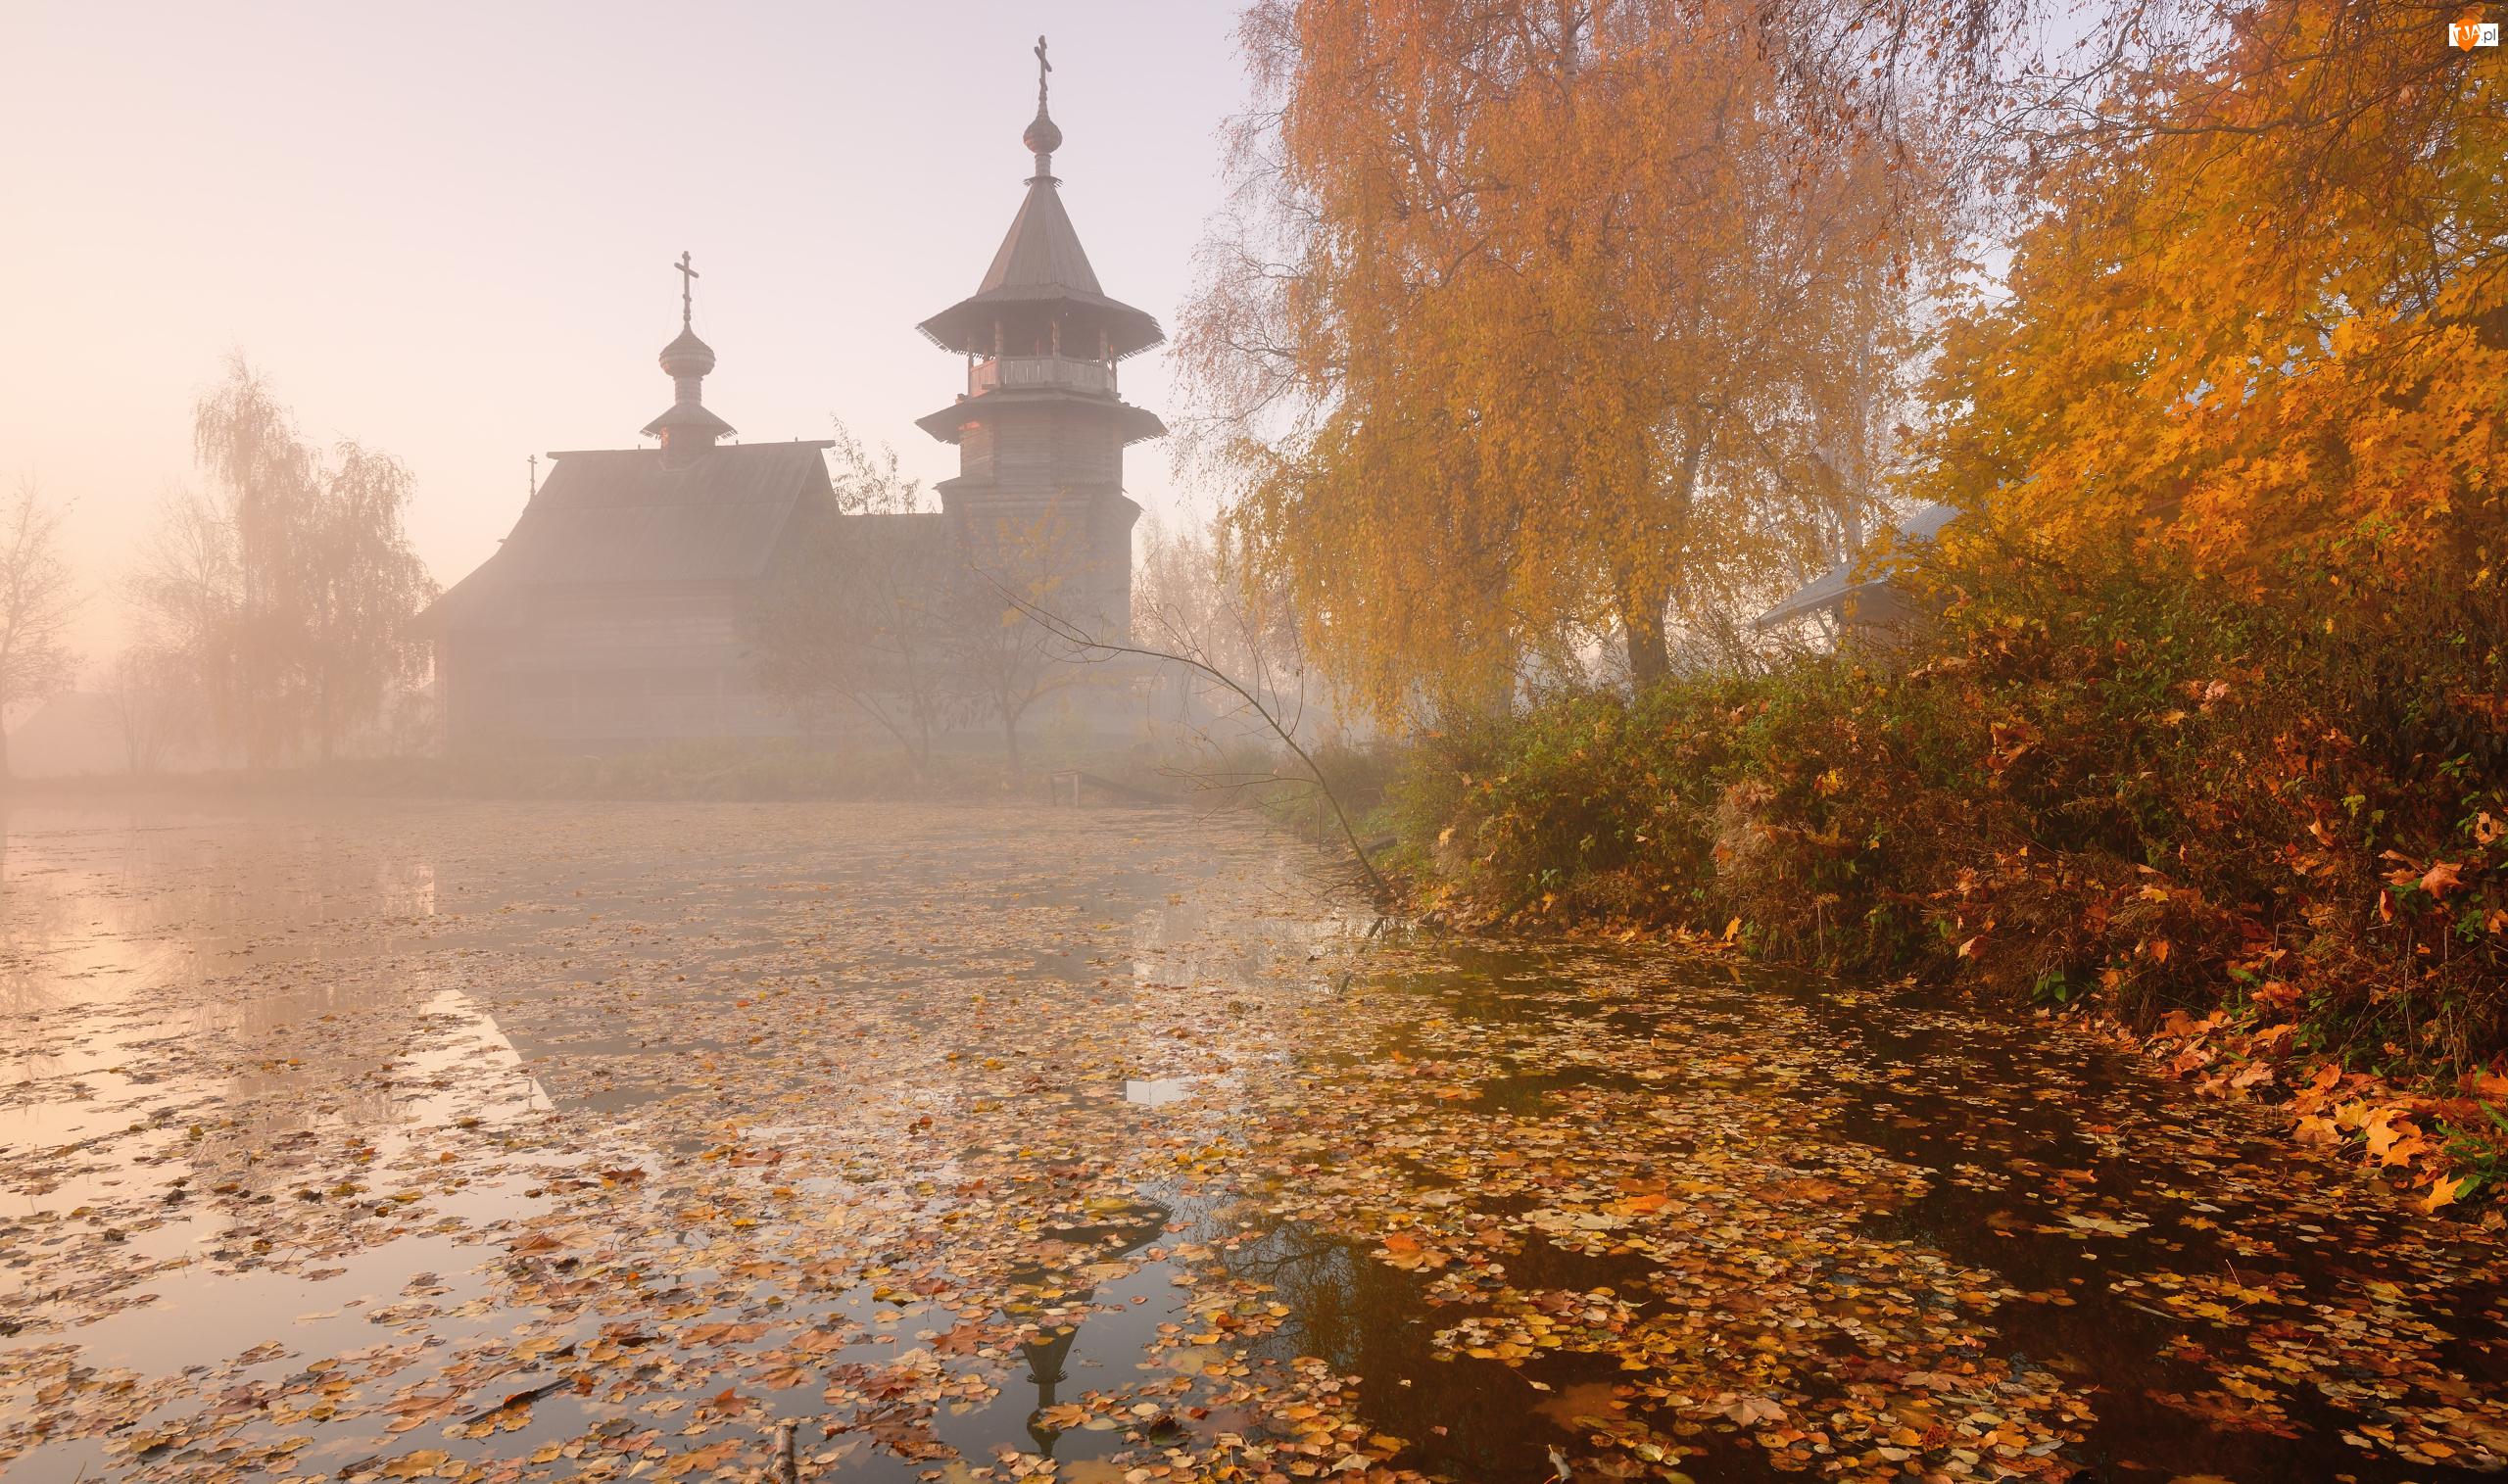 Rosja, Jezioro Onega, Wyspa Kiży, Trawy, Mgła, Jesień, Drewniana, Drzewa, Kaplica, Karelia